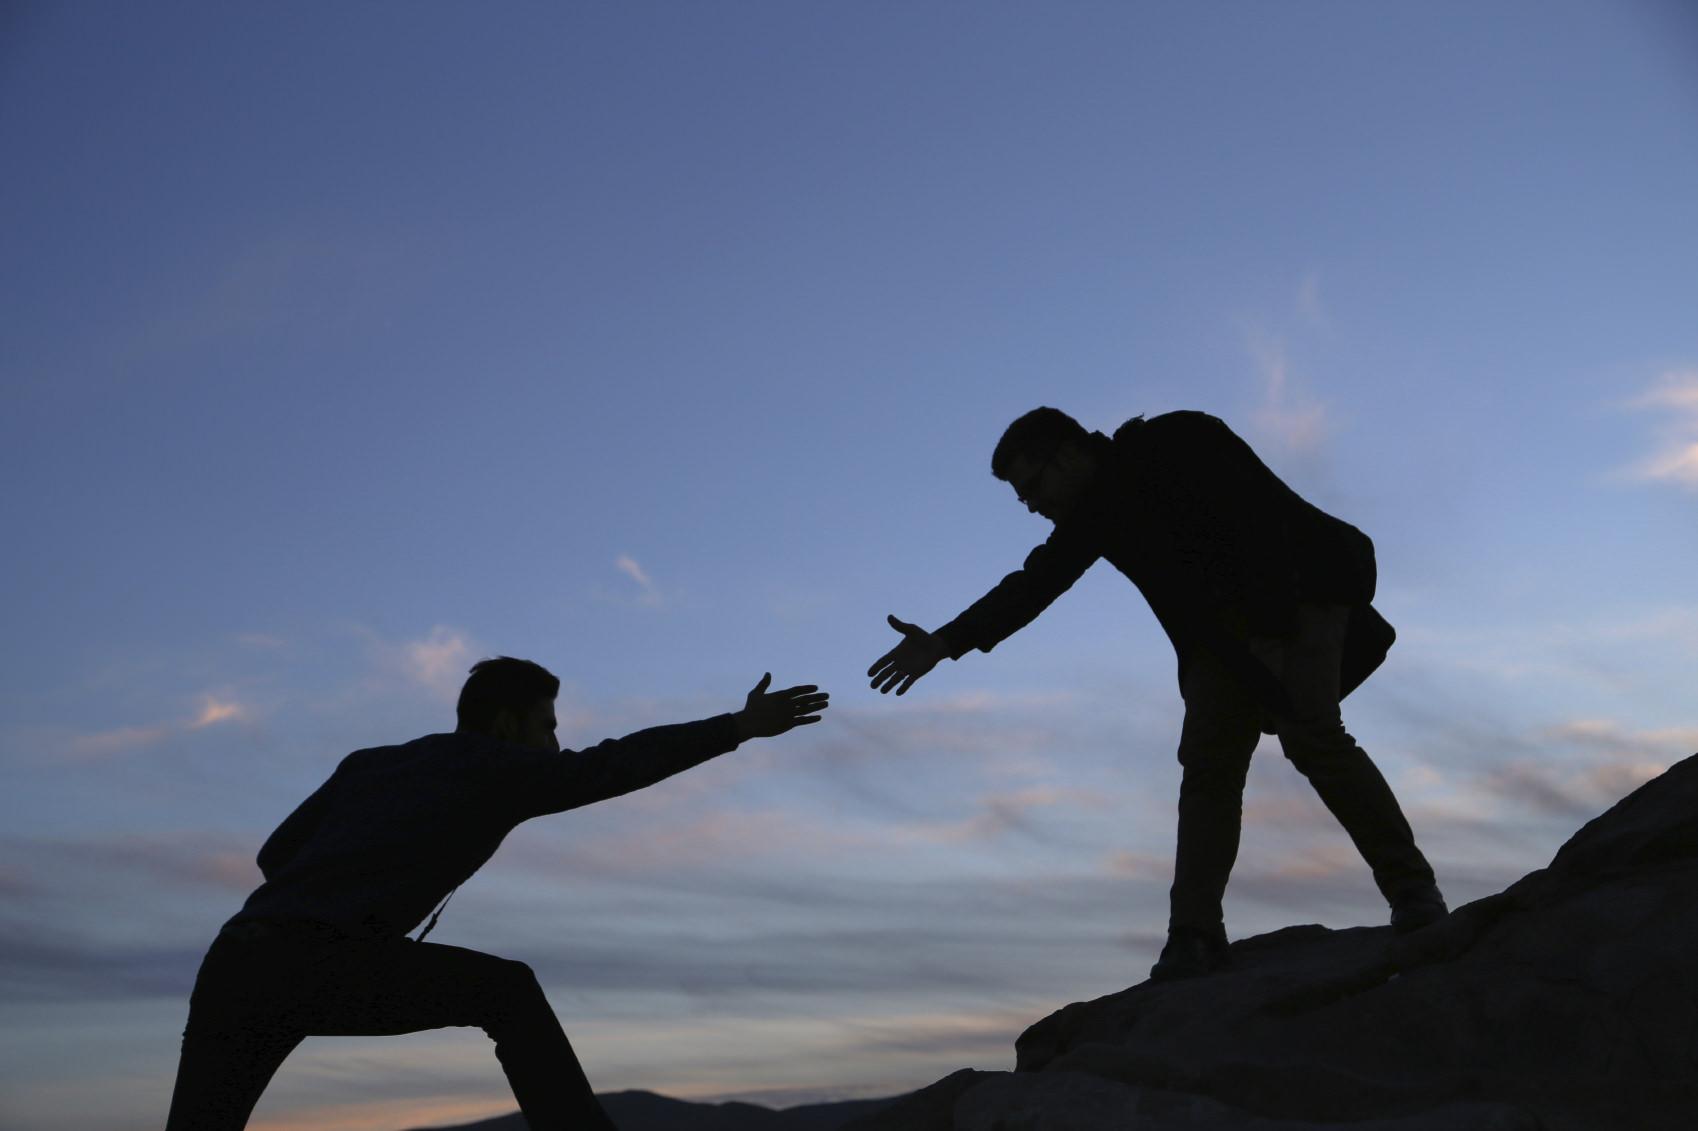 помощь человеку, рука помощи